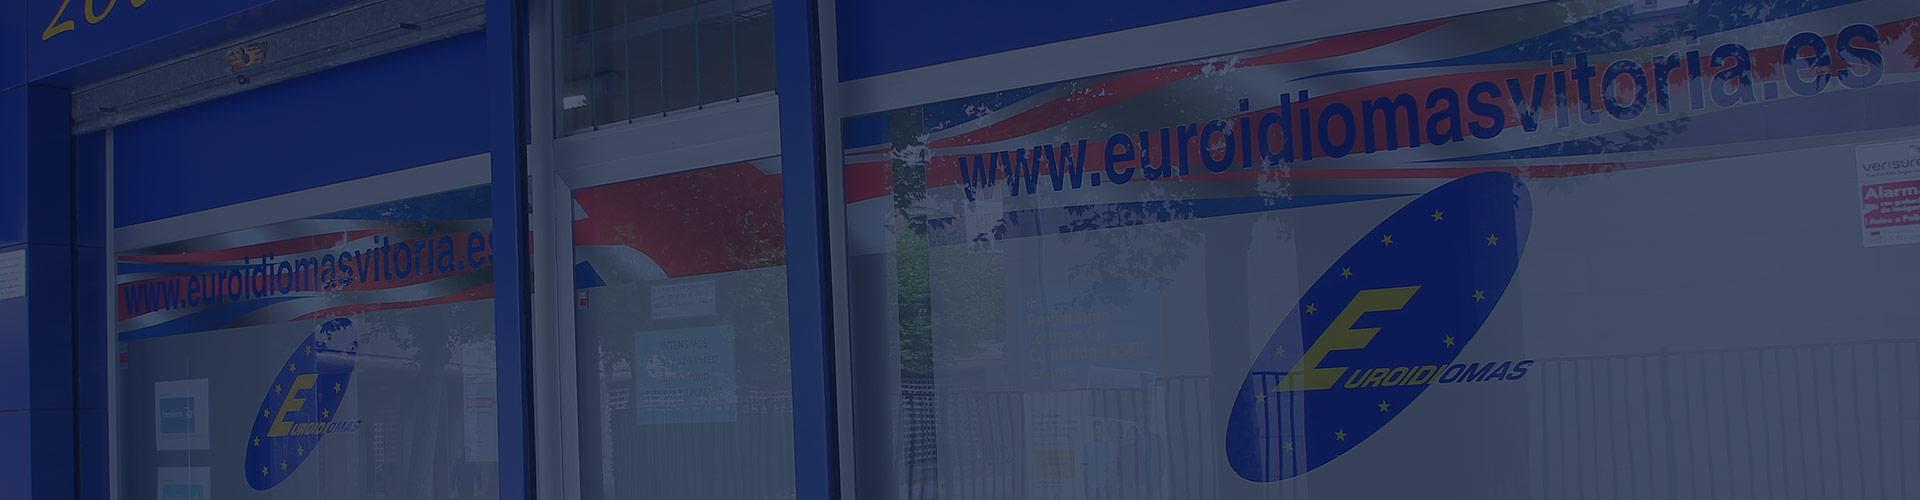 Academia de inglés Euroidiomas